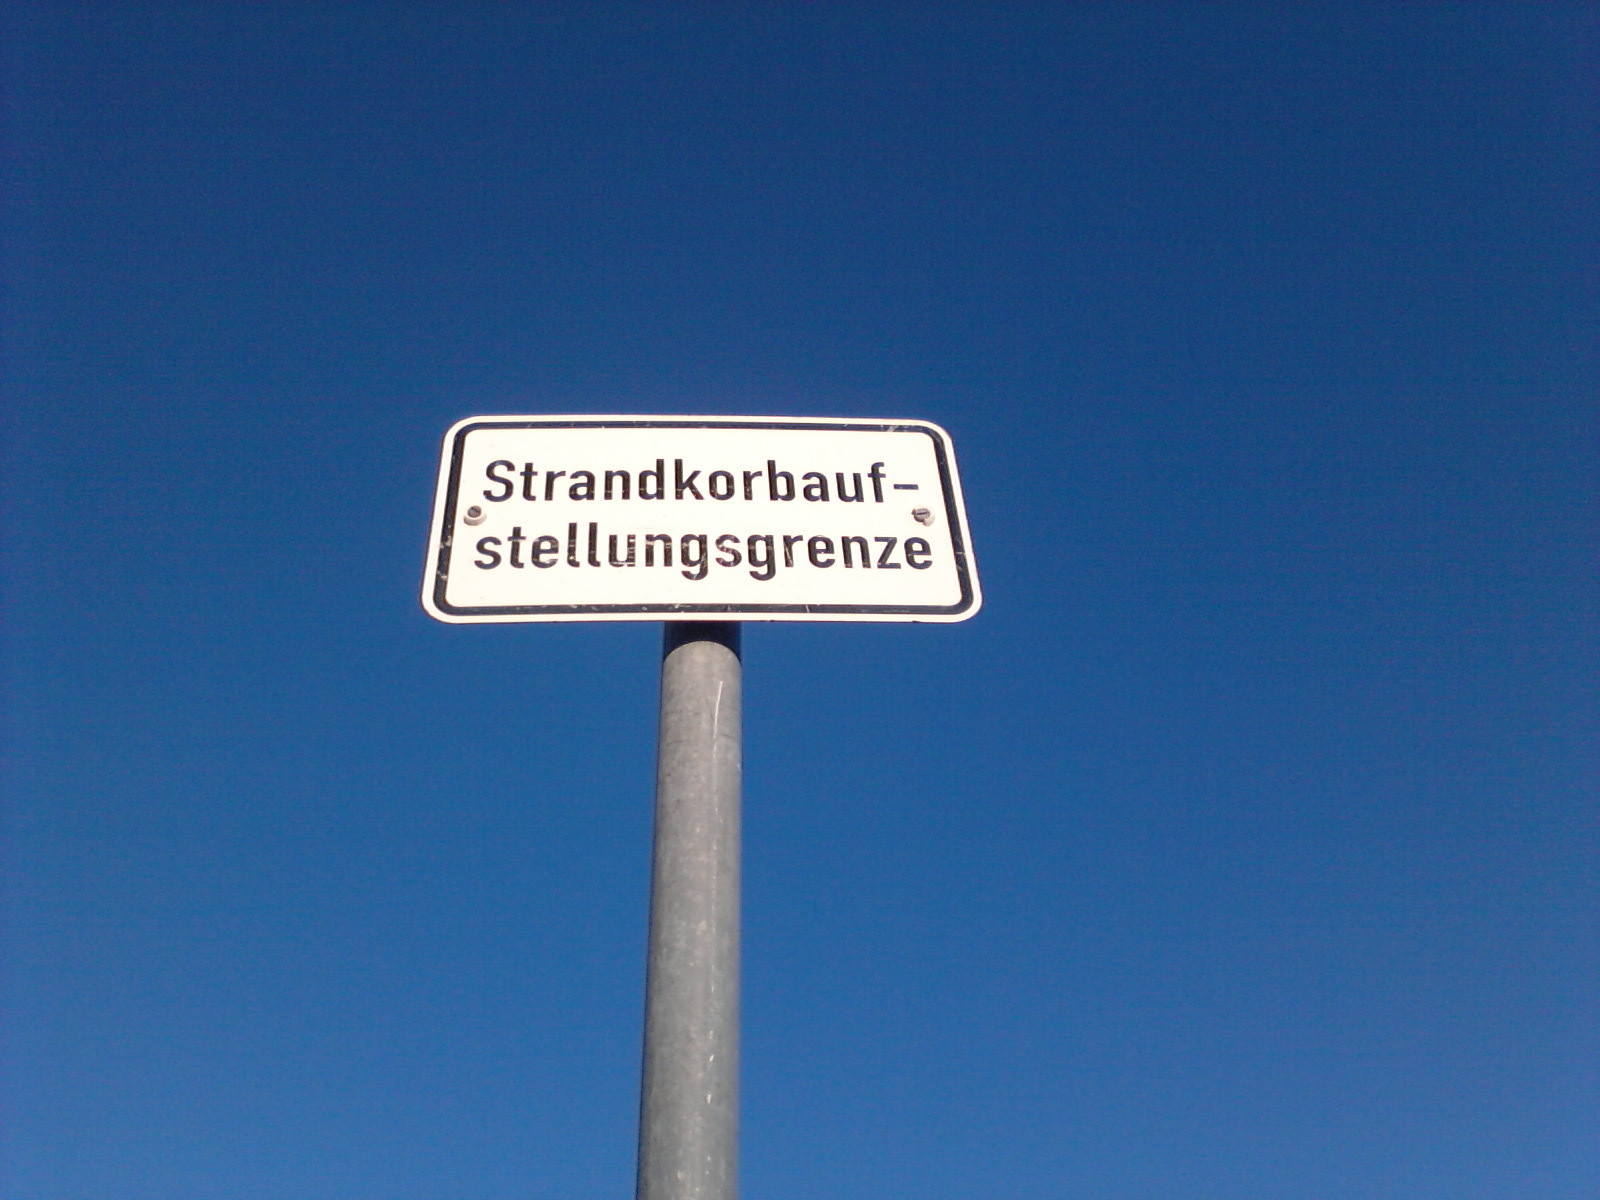 Strandkorbaufstellungsgrenze